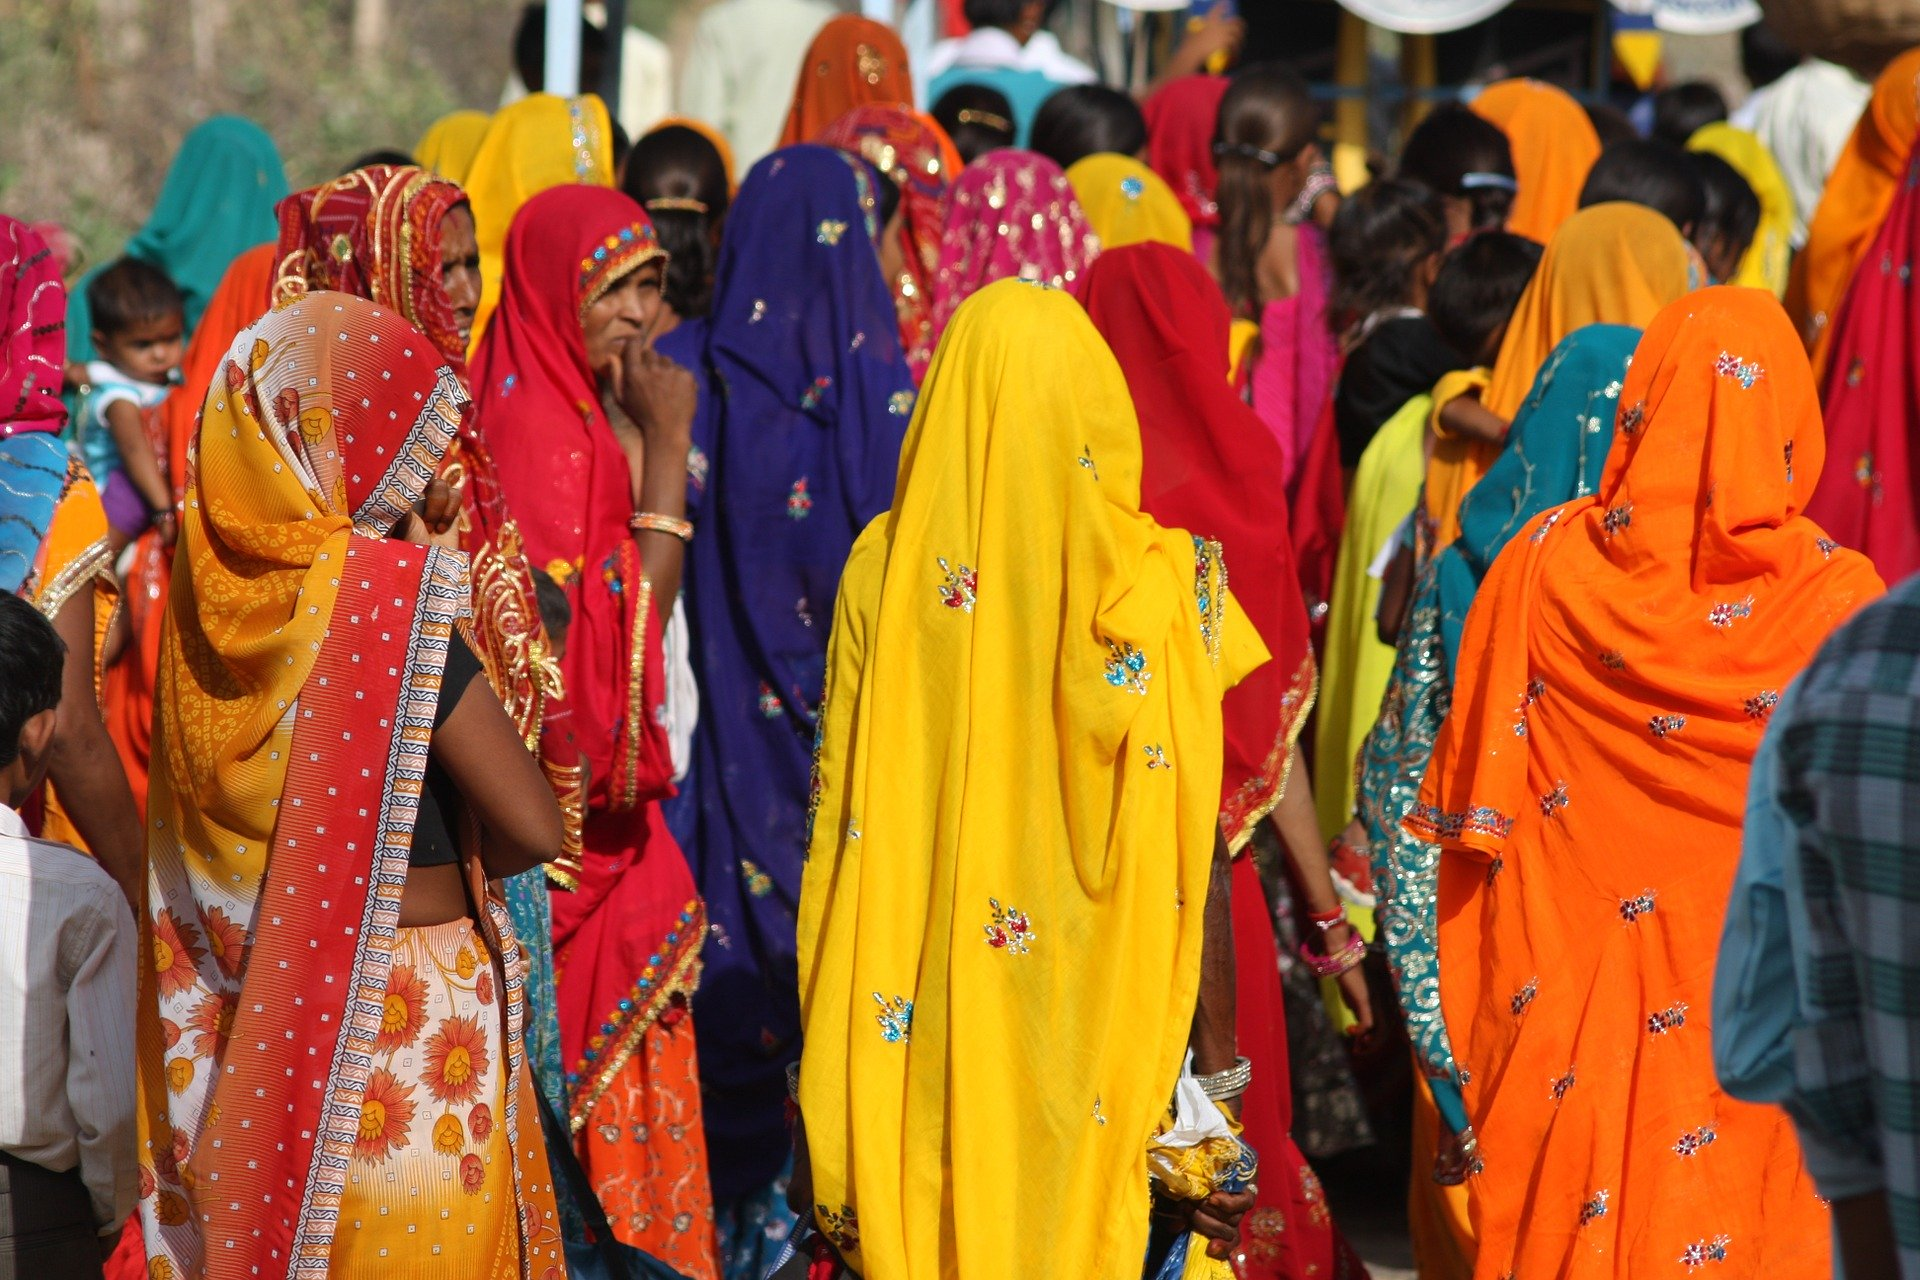 gevaarlijke landen - gevaarlijke landen voor vrouwen - vrouwonvriendelijke landen - gevaarlijke landen top 10